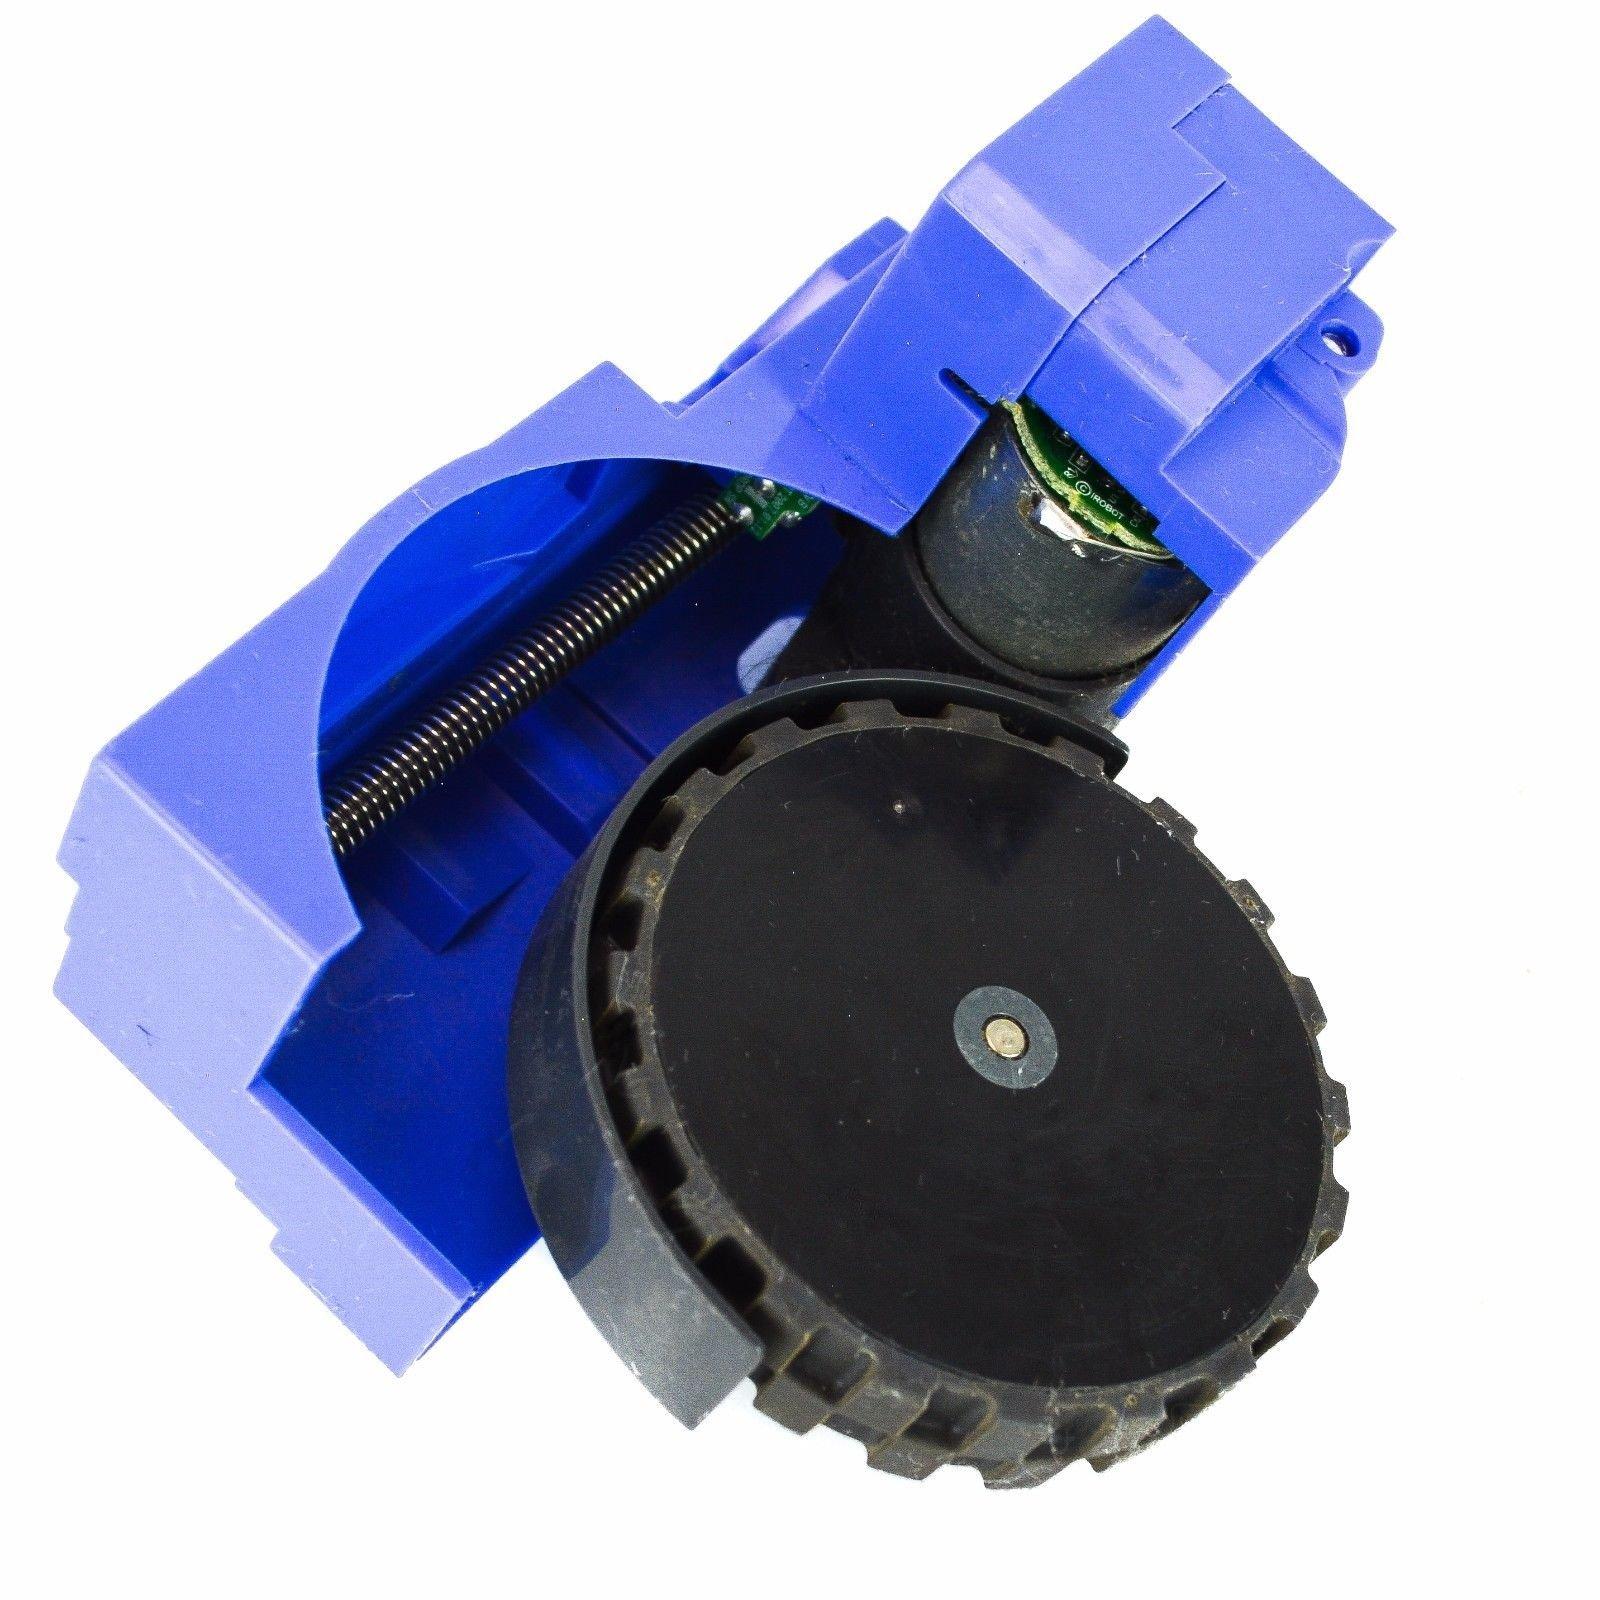 ASP ROBOT Rueda lateral derecha para Roomba 775 Serie 700 ...